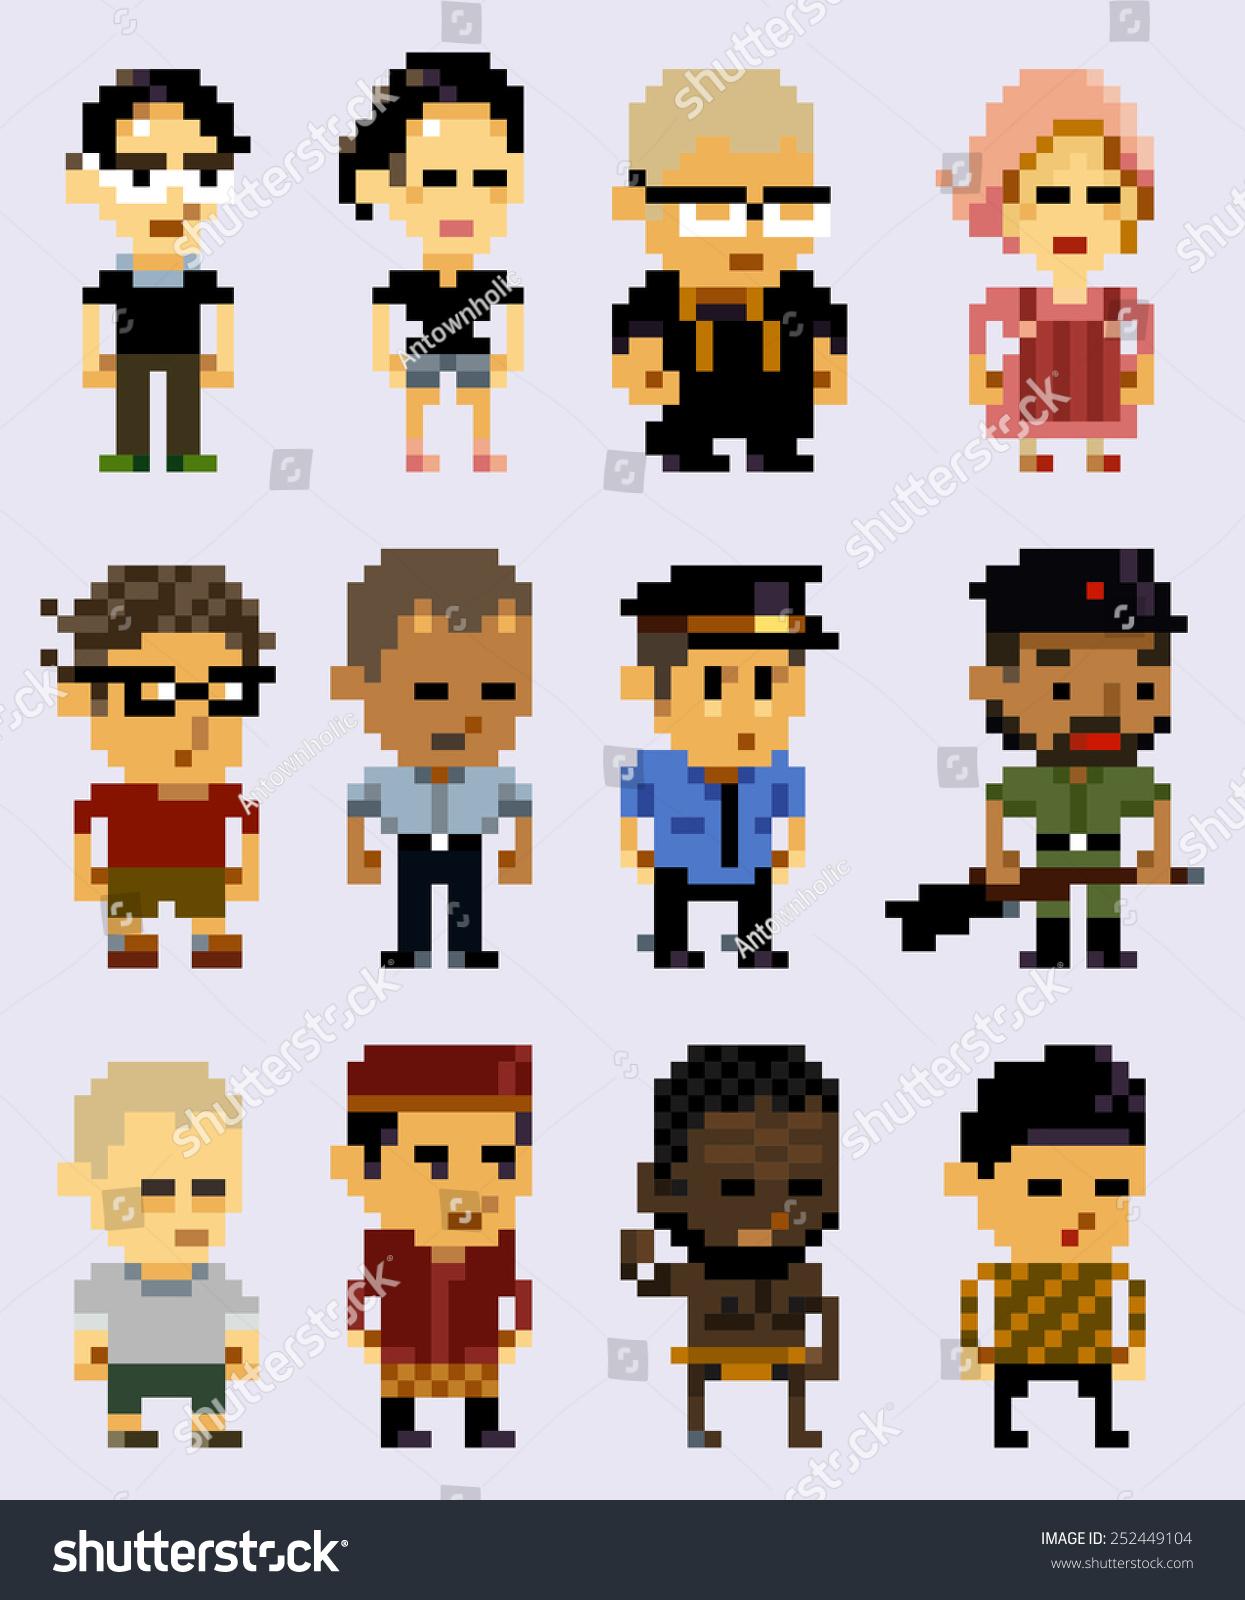 Pixel Art Design : Pixel art character design stock vector